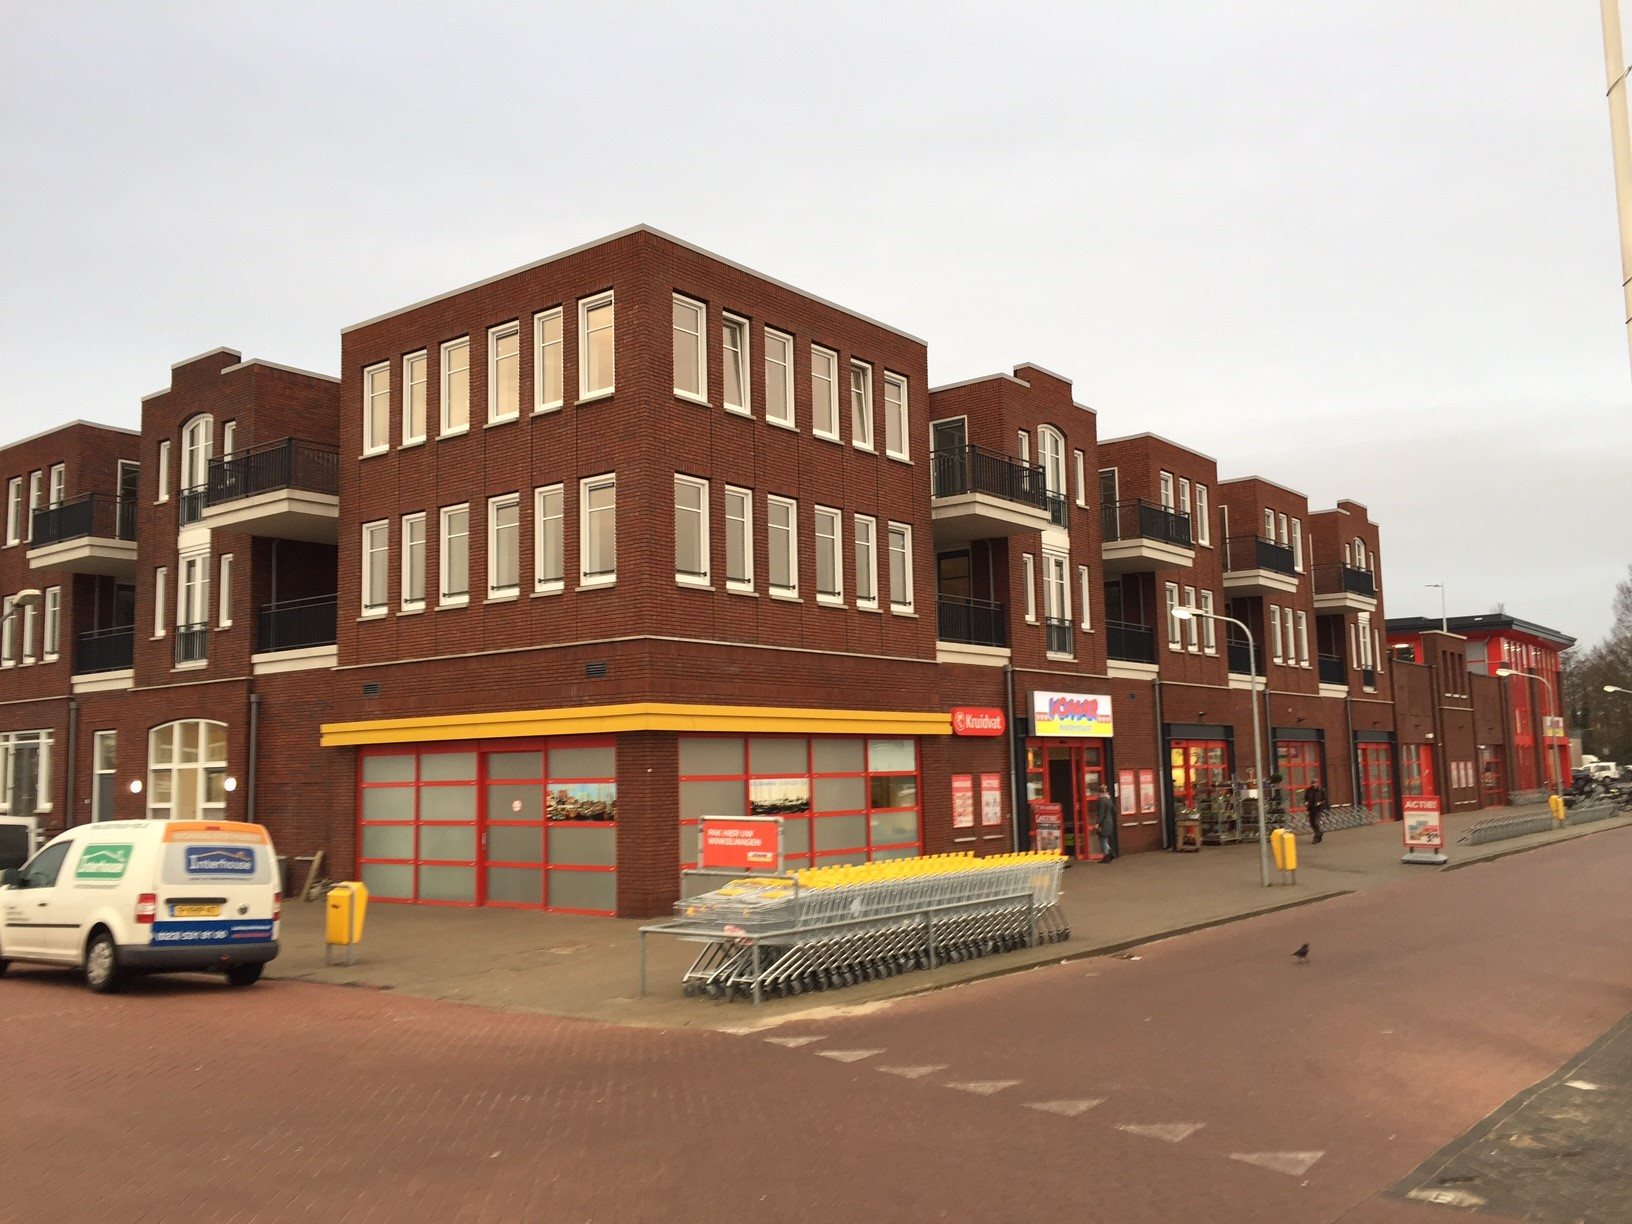 Crossleystraat, Haarlem